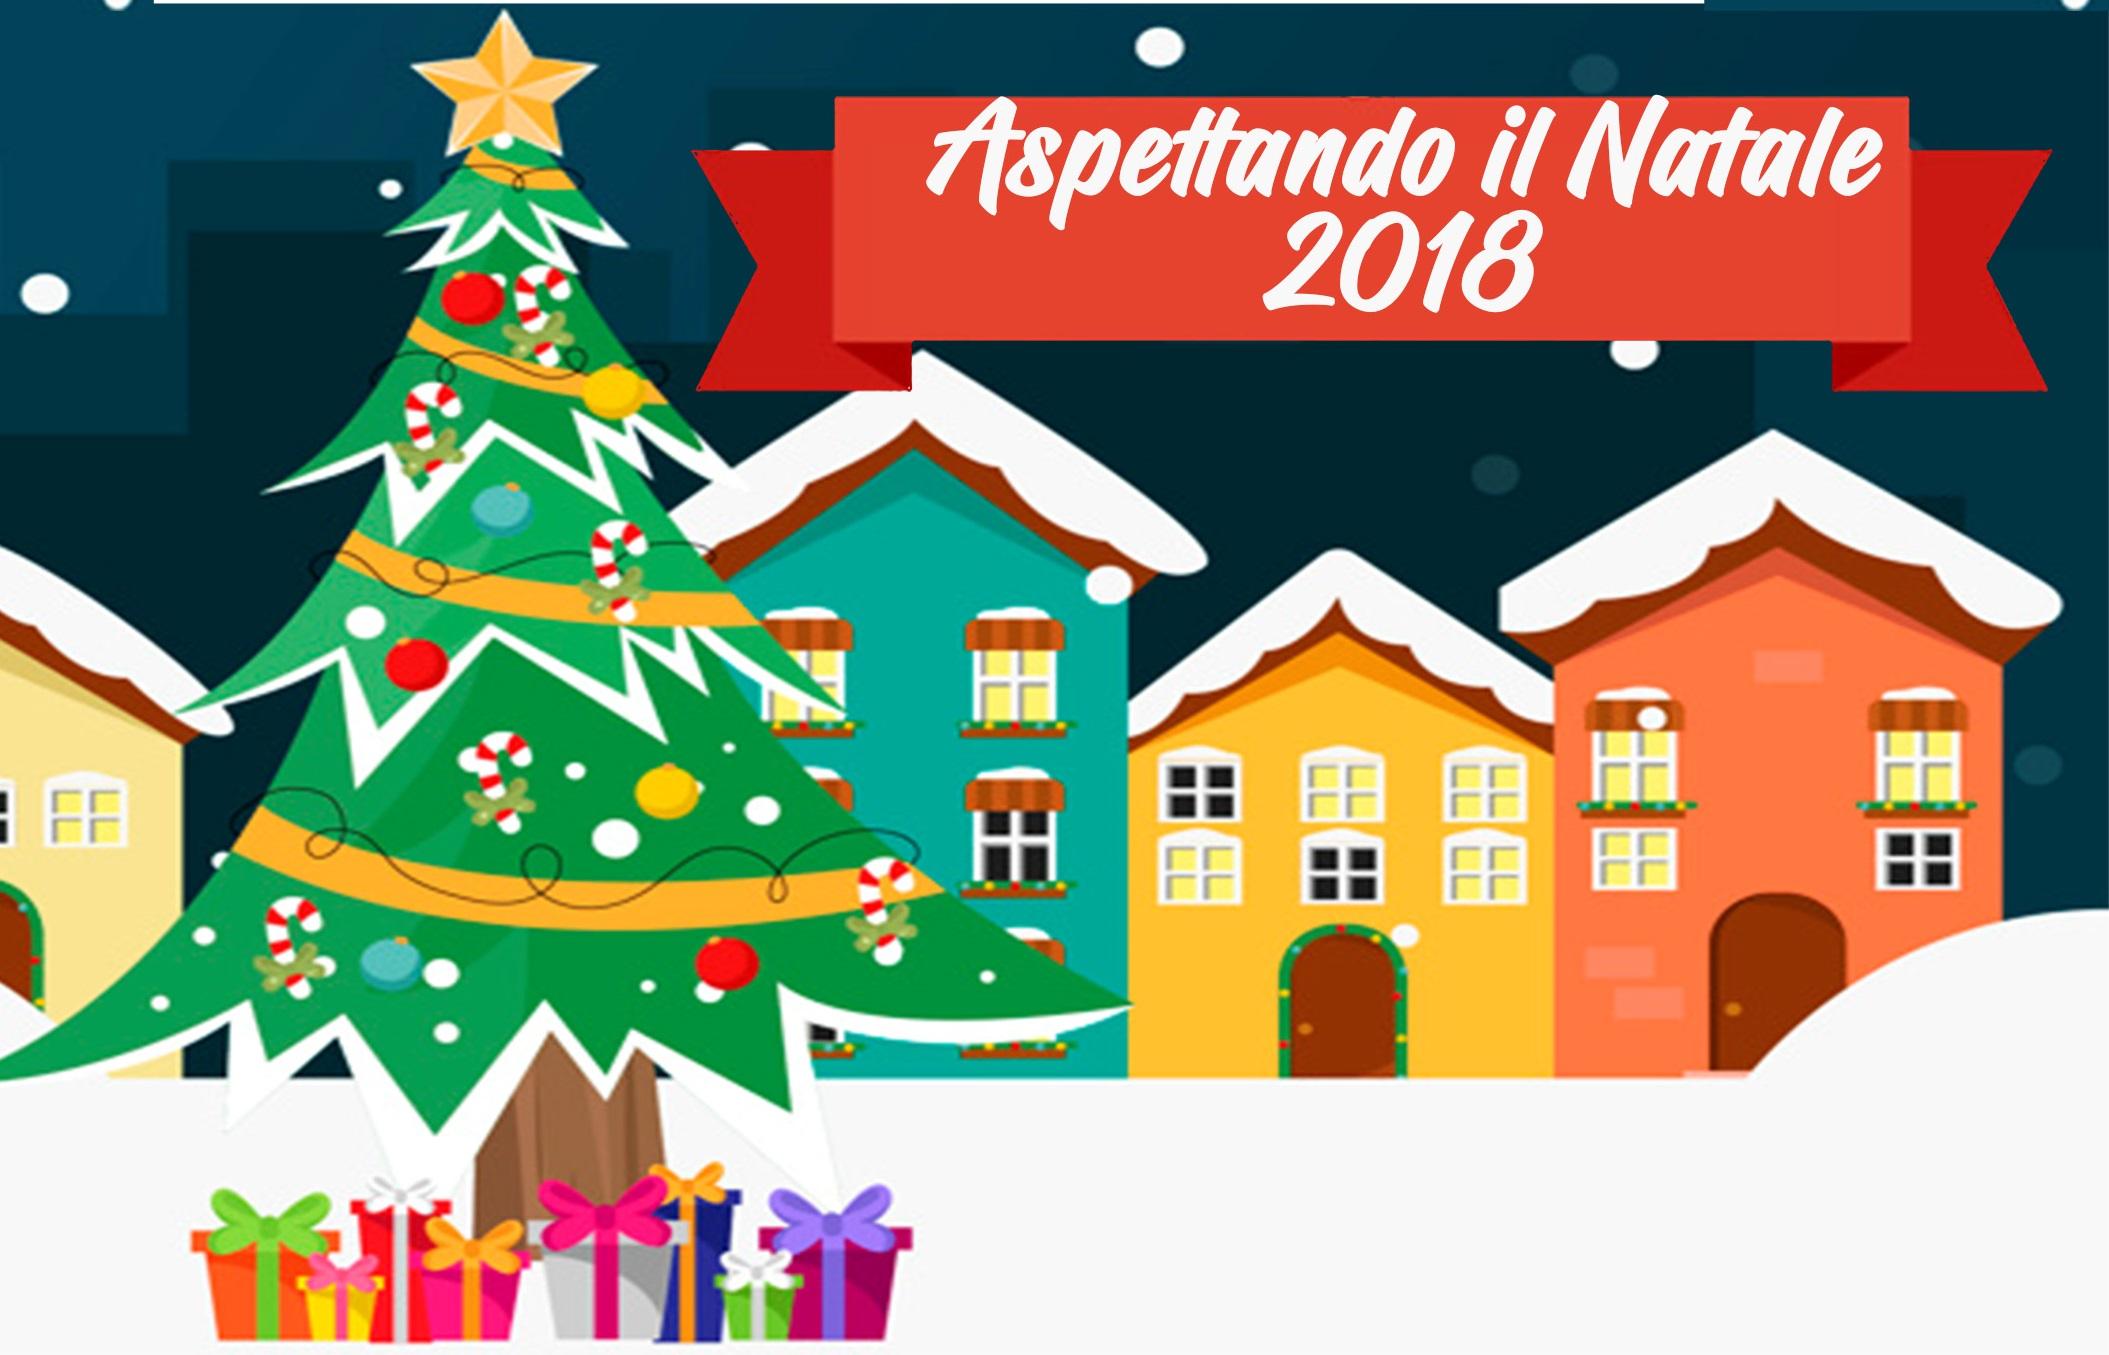 Immagini Aspettando Natale.Aspettando Il Natale 2018 Comune Di Ripalta Cremasca